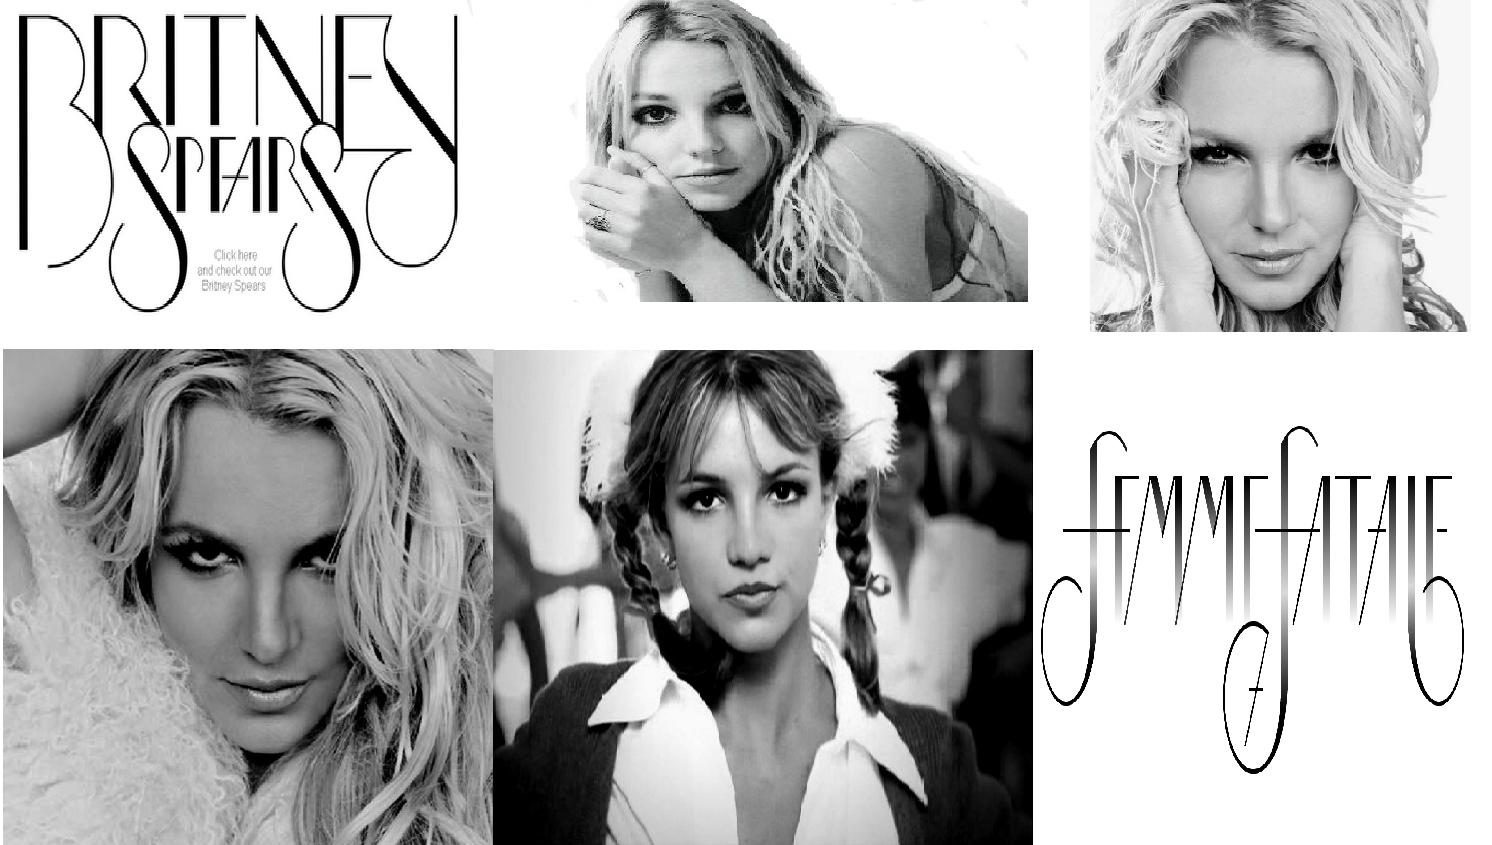 Britney Spears - Femme Fatale (Wallpaper)